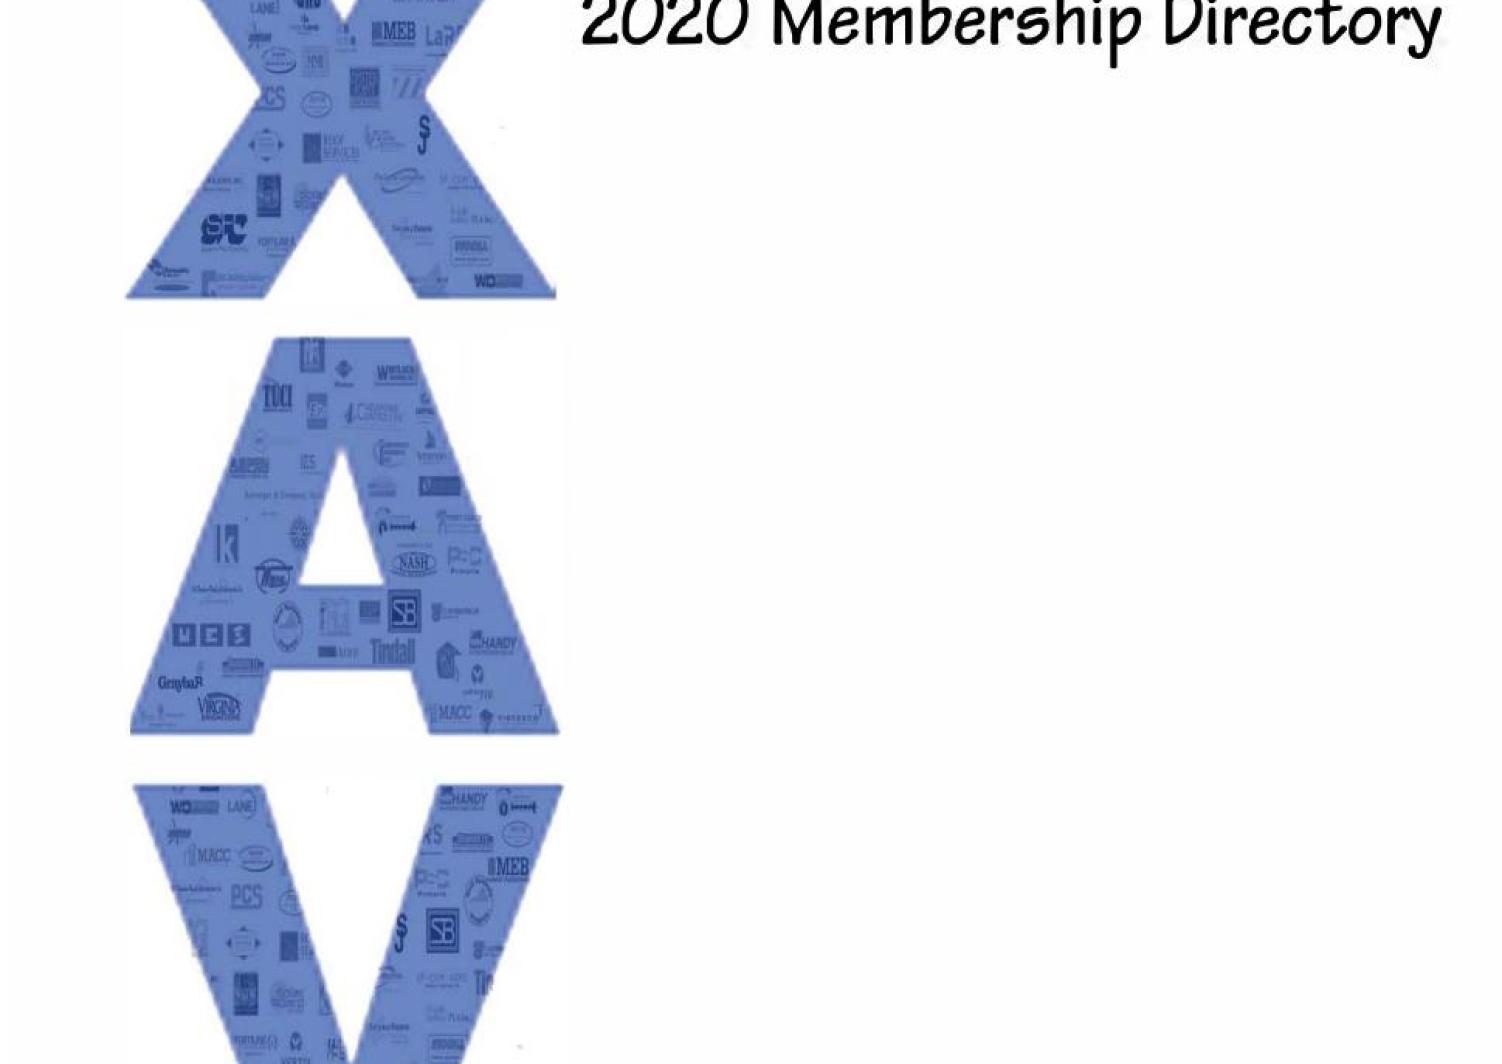 2020 Bxava Membership Directory By The Builders Exchange Issuu